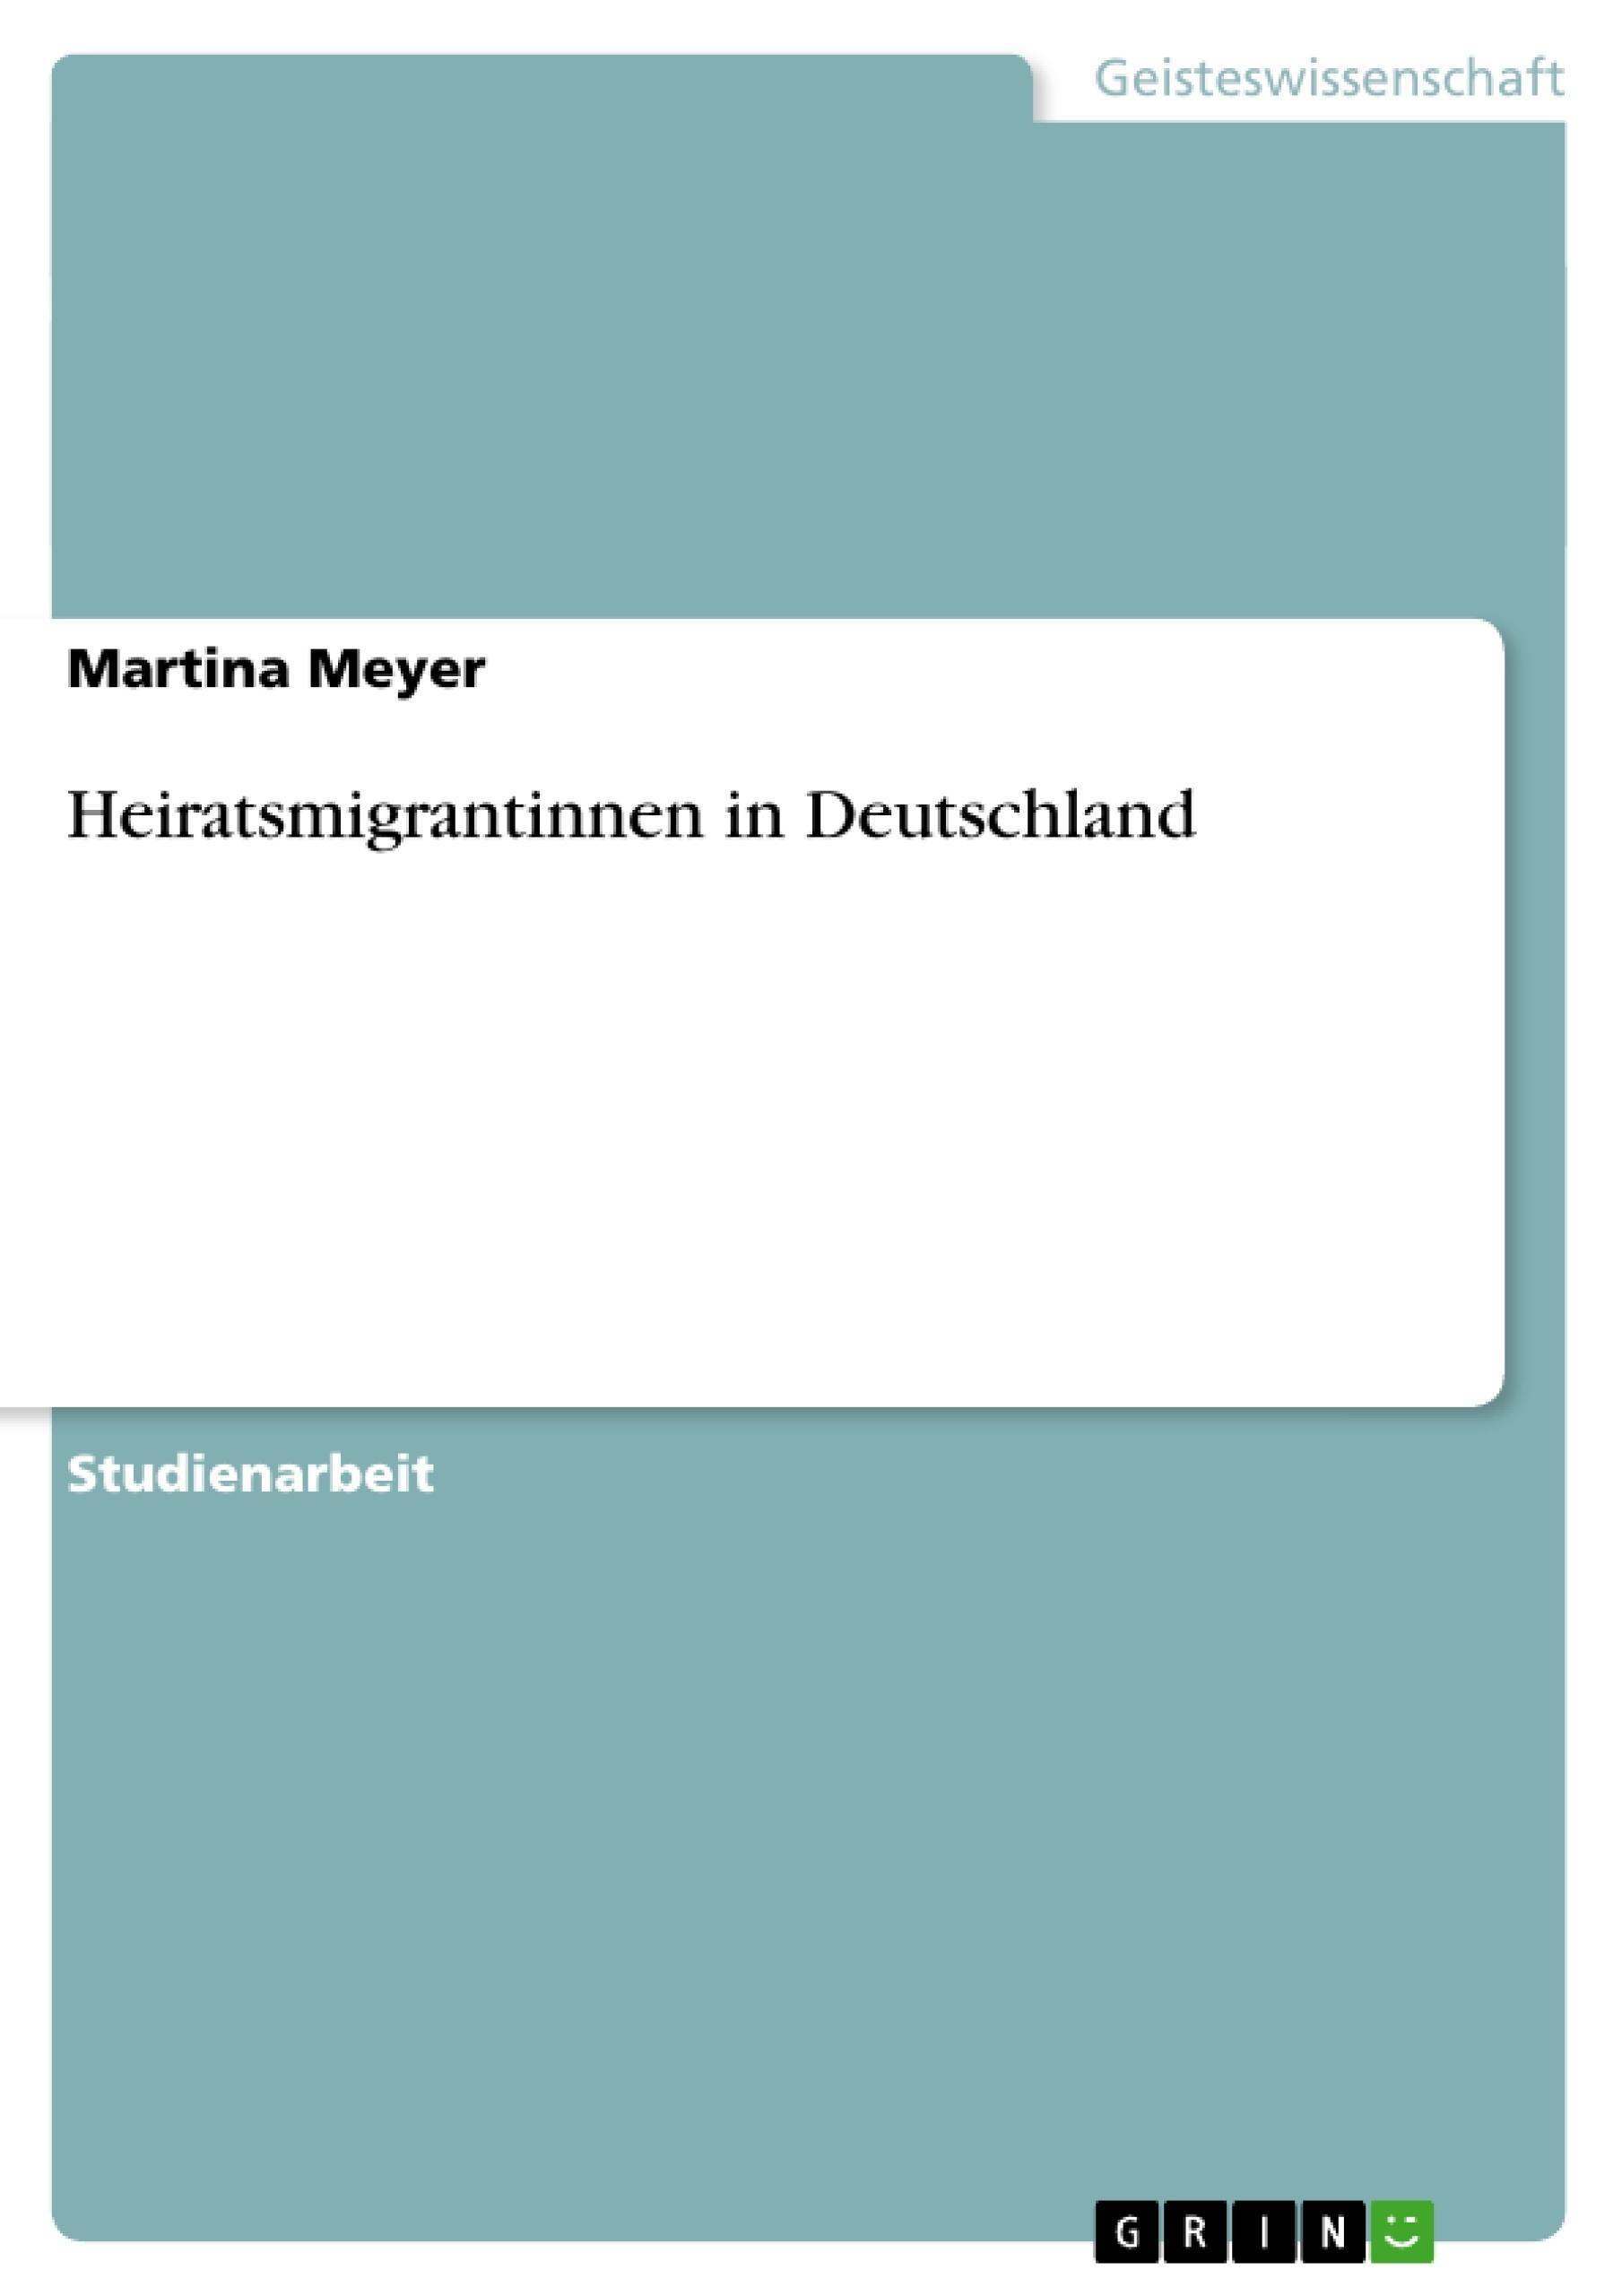 Titel: Heiratsmigrantinnen in Deutschland